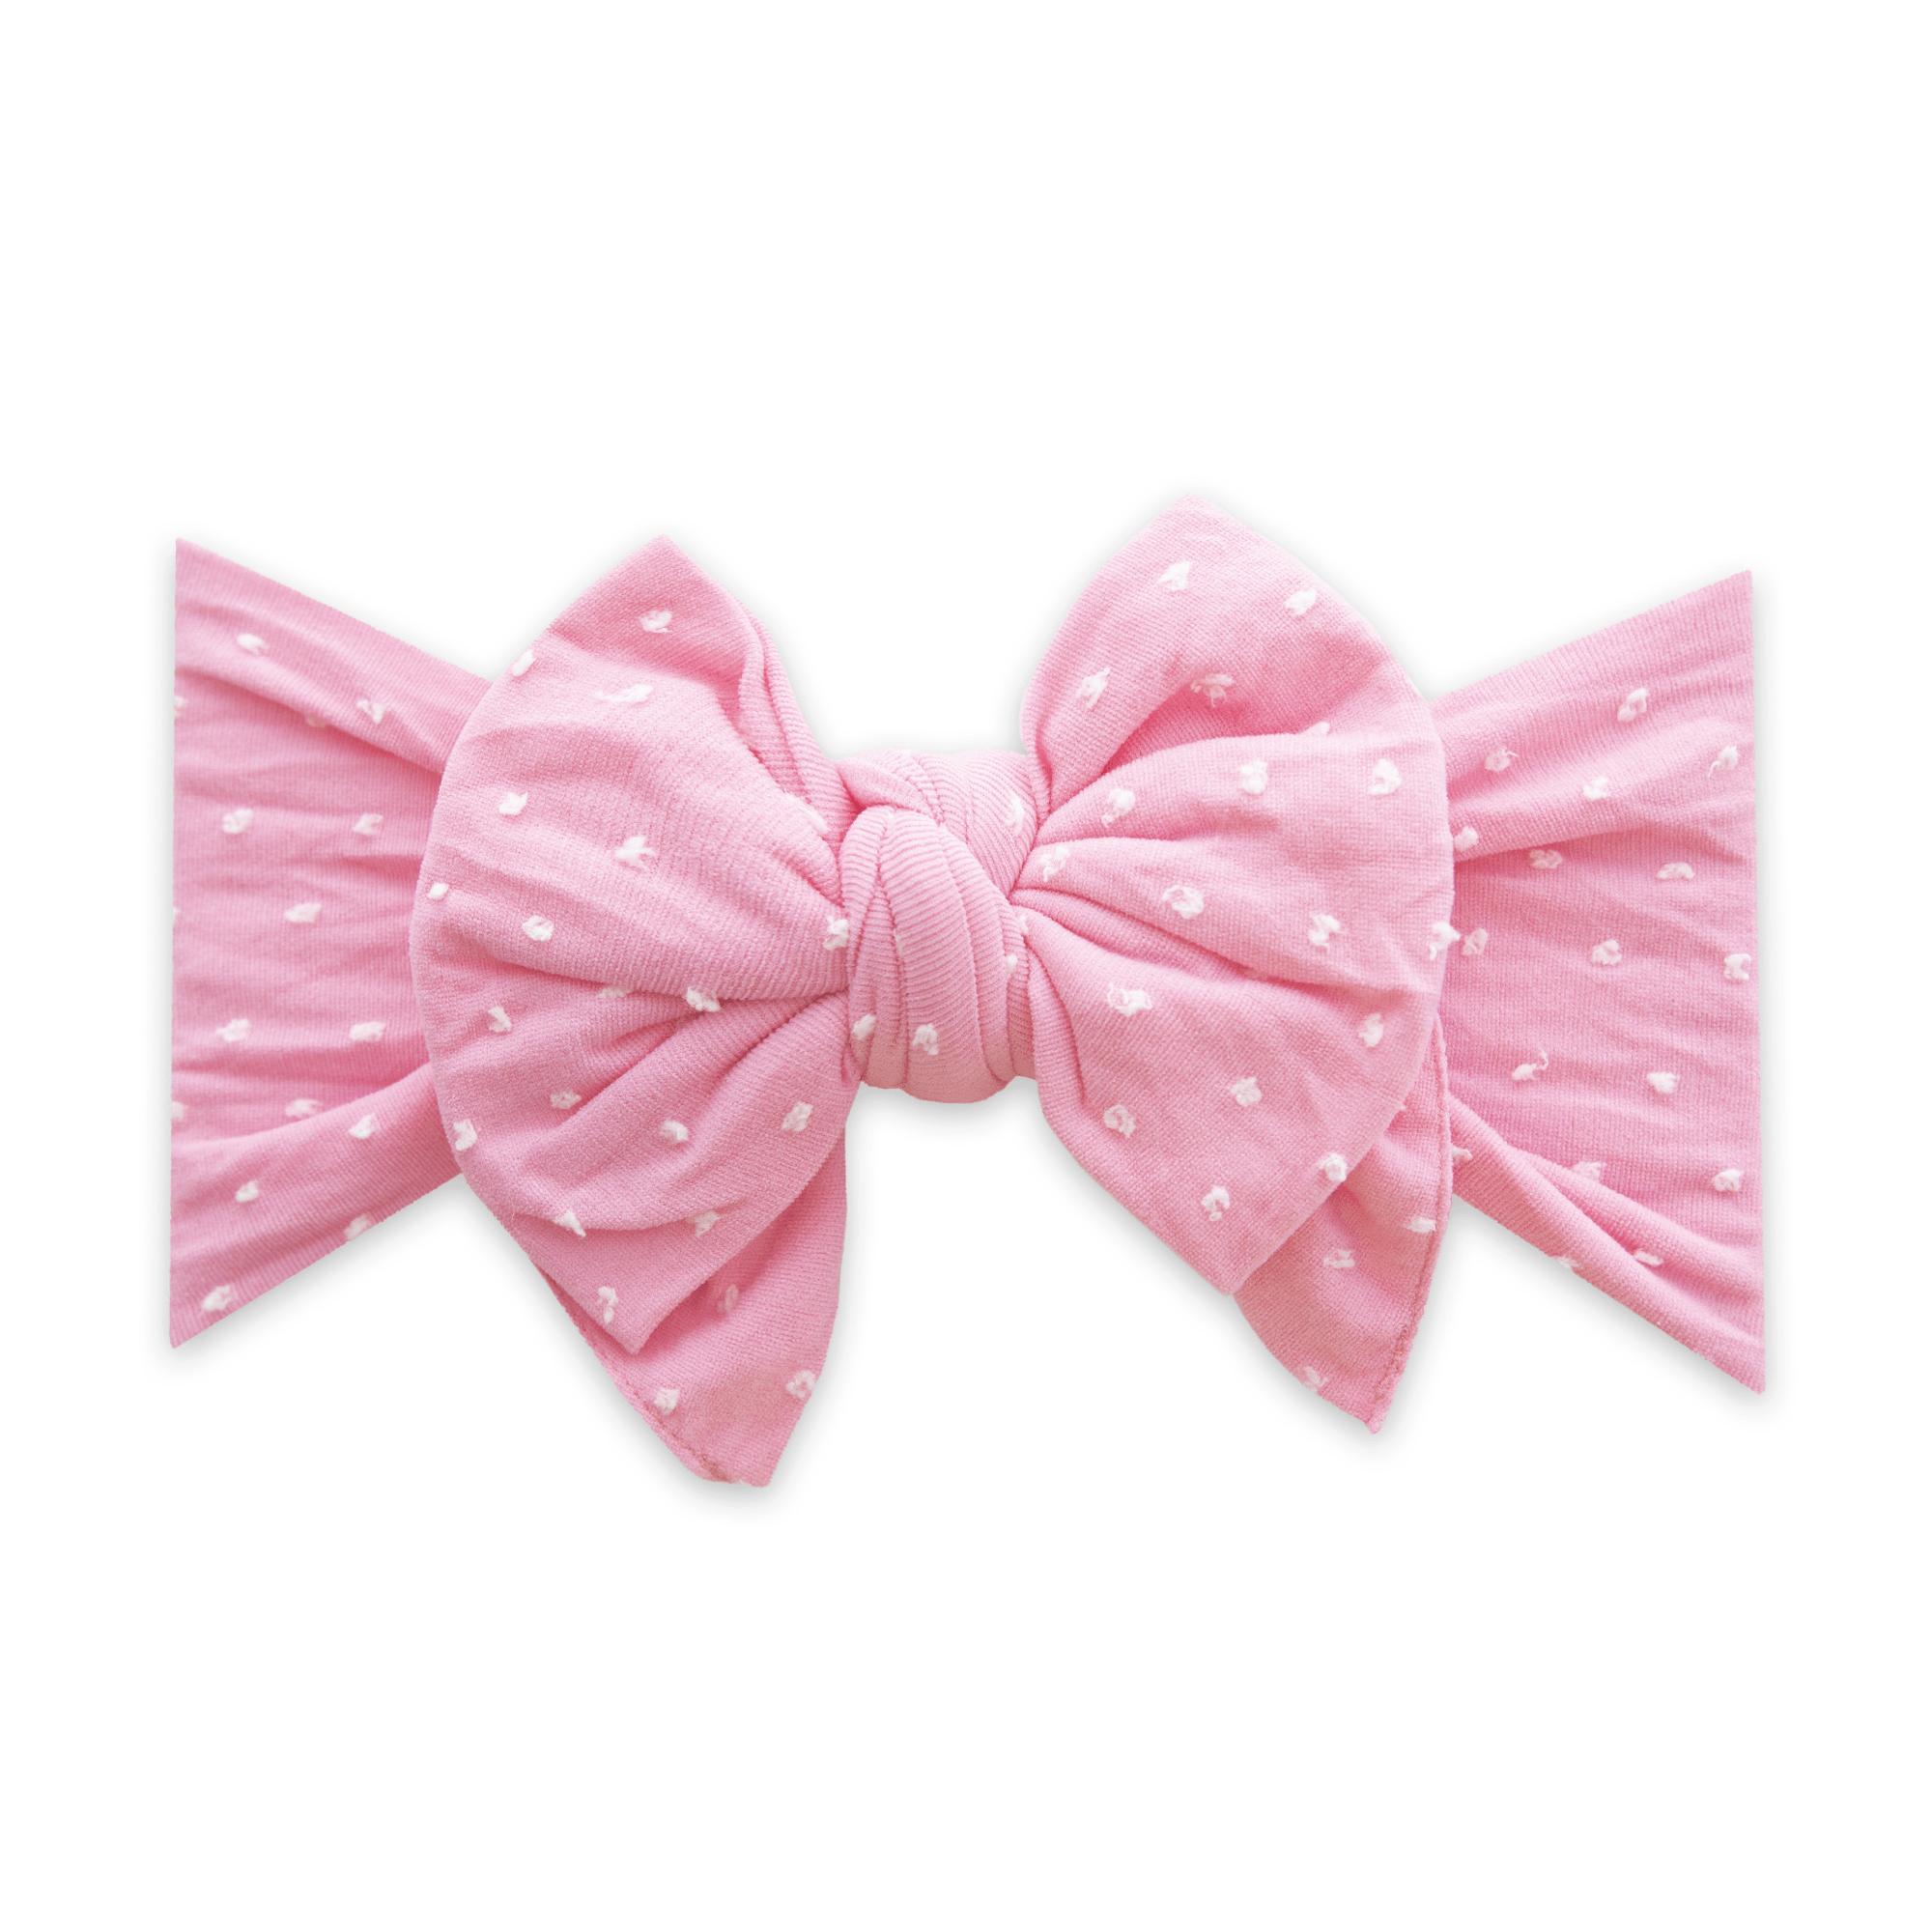 Bubblegum Dot Hair Bow